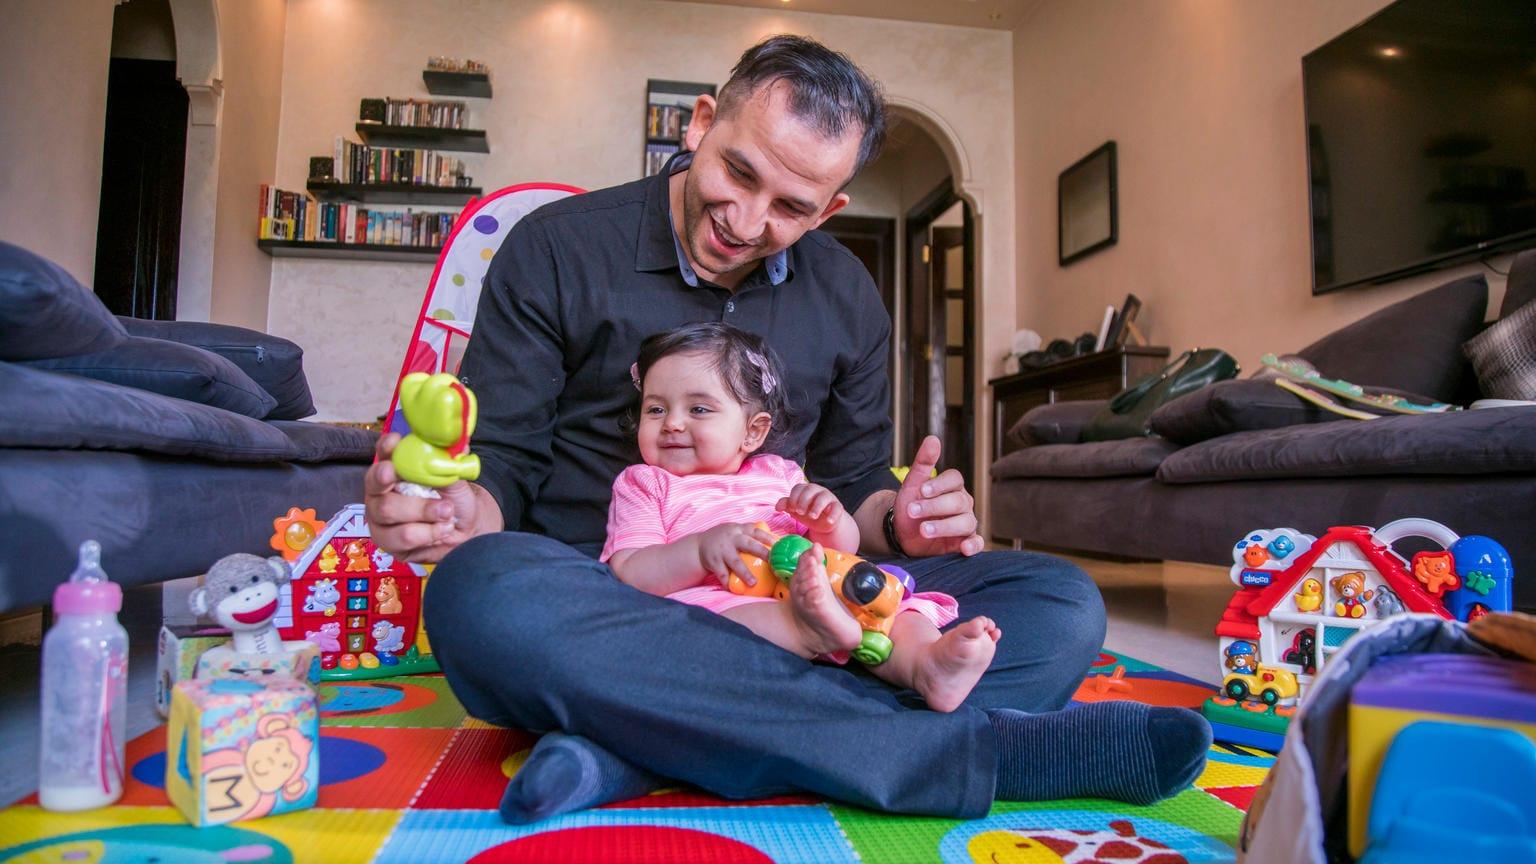 Apa játszik kisgyermekével